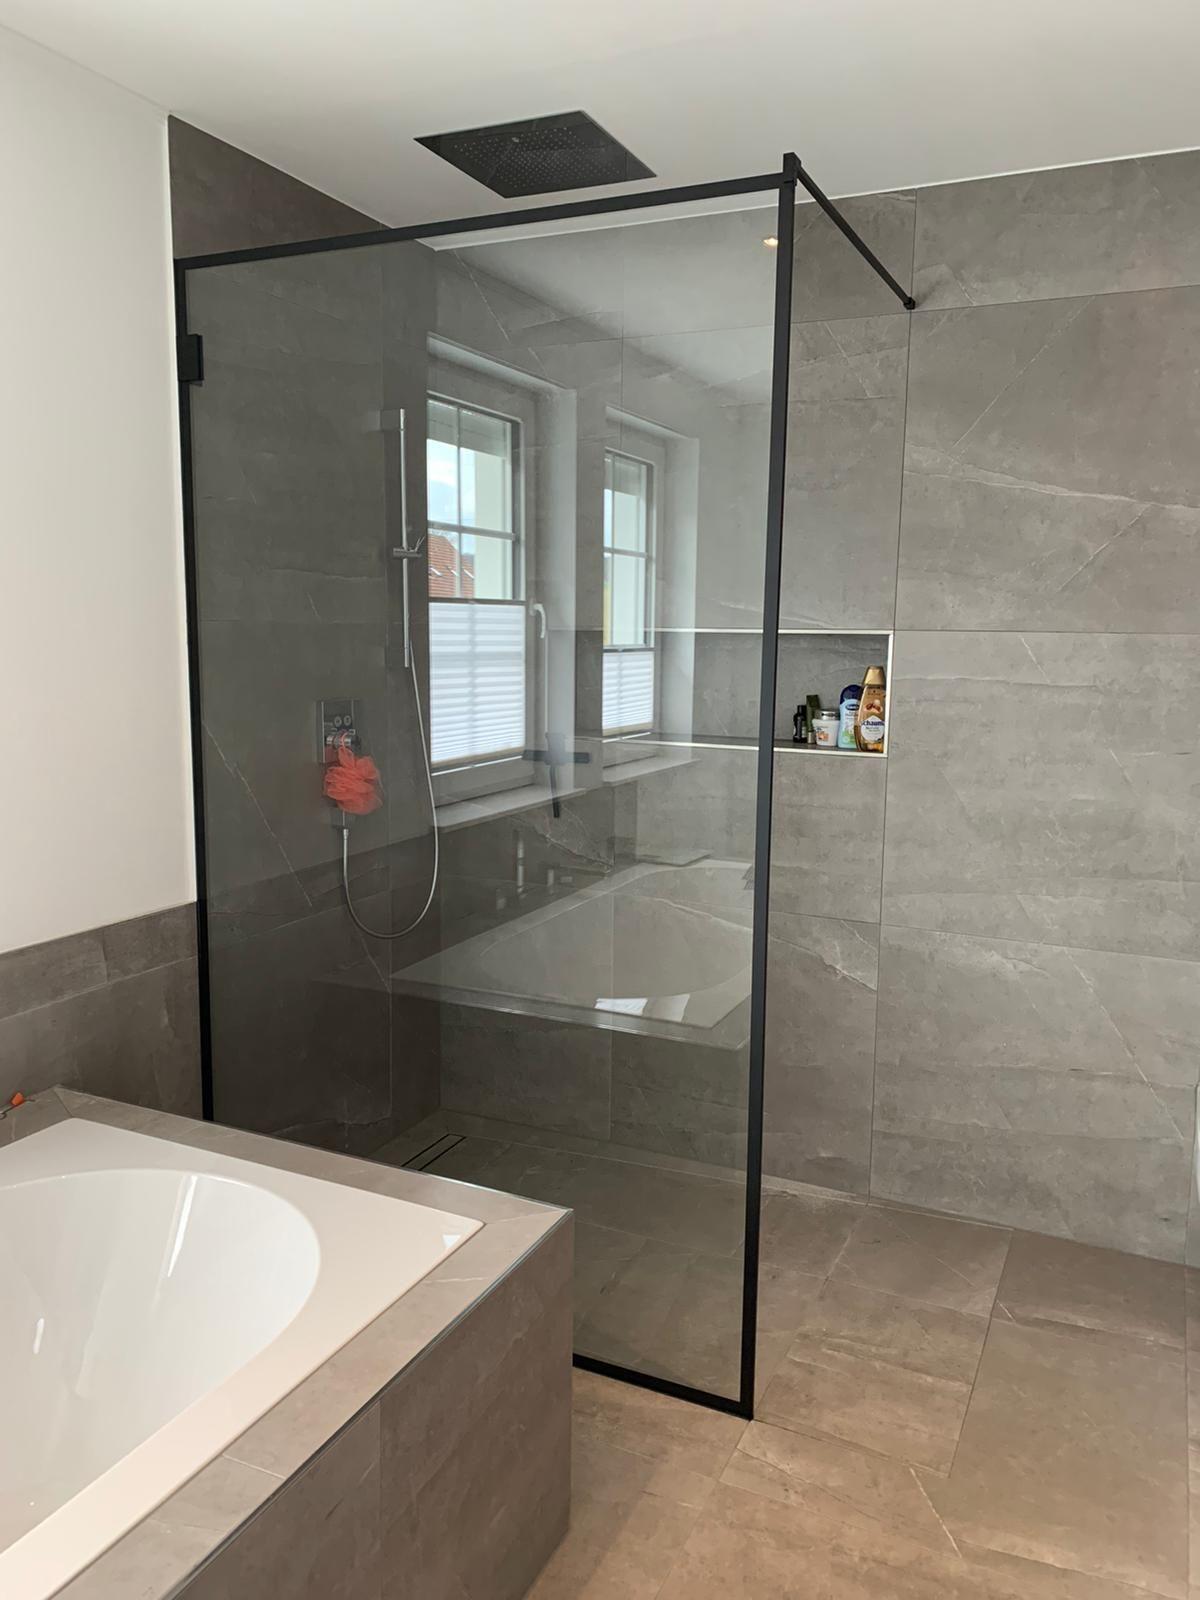 Loft Duschabtrennungen In 2020 Glasscheibe Dusche Badezimmer Innenausstattung Glasduschen